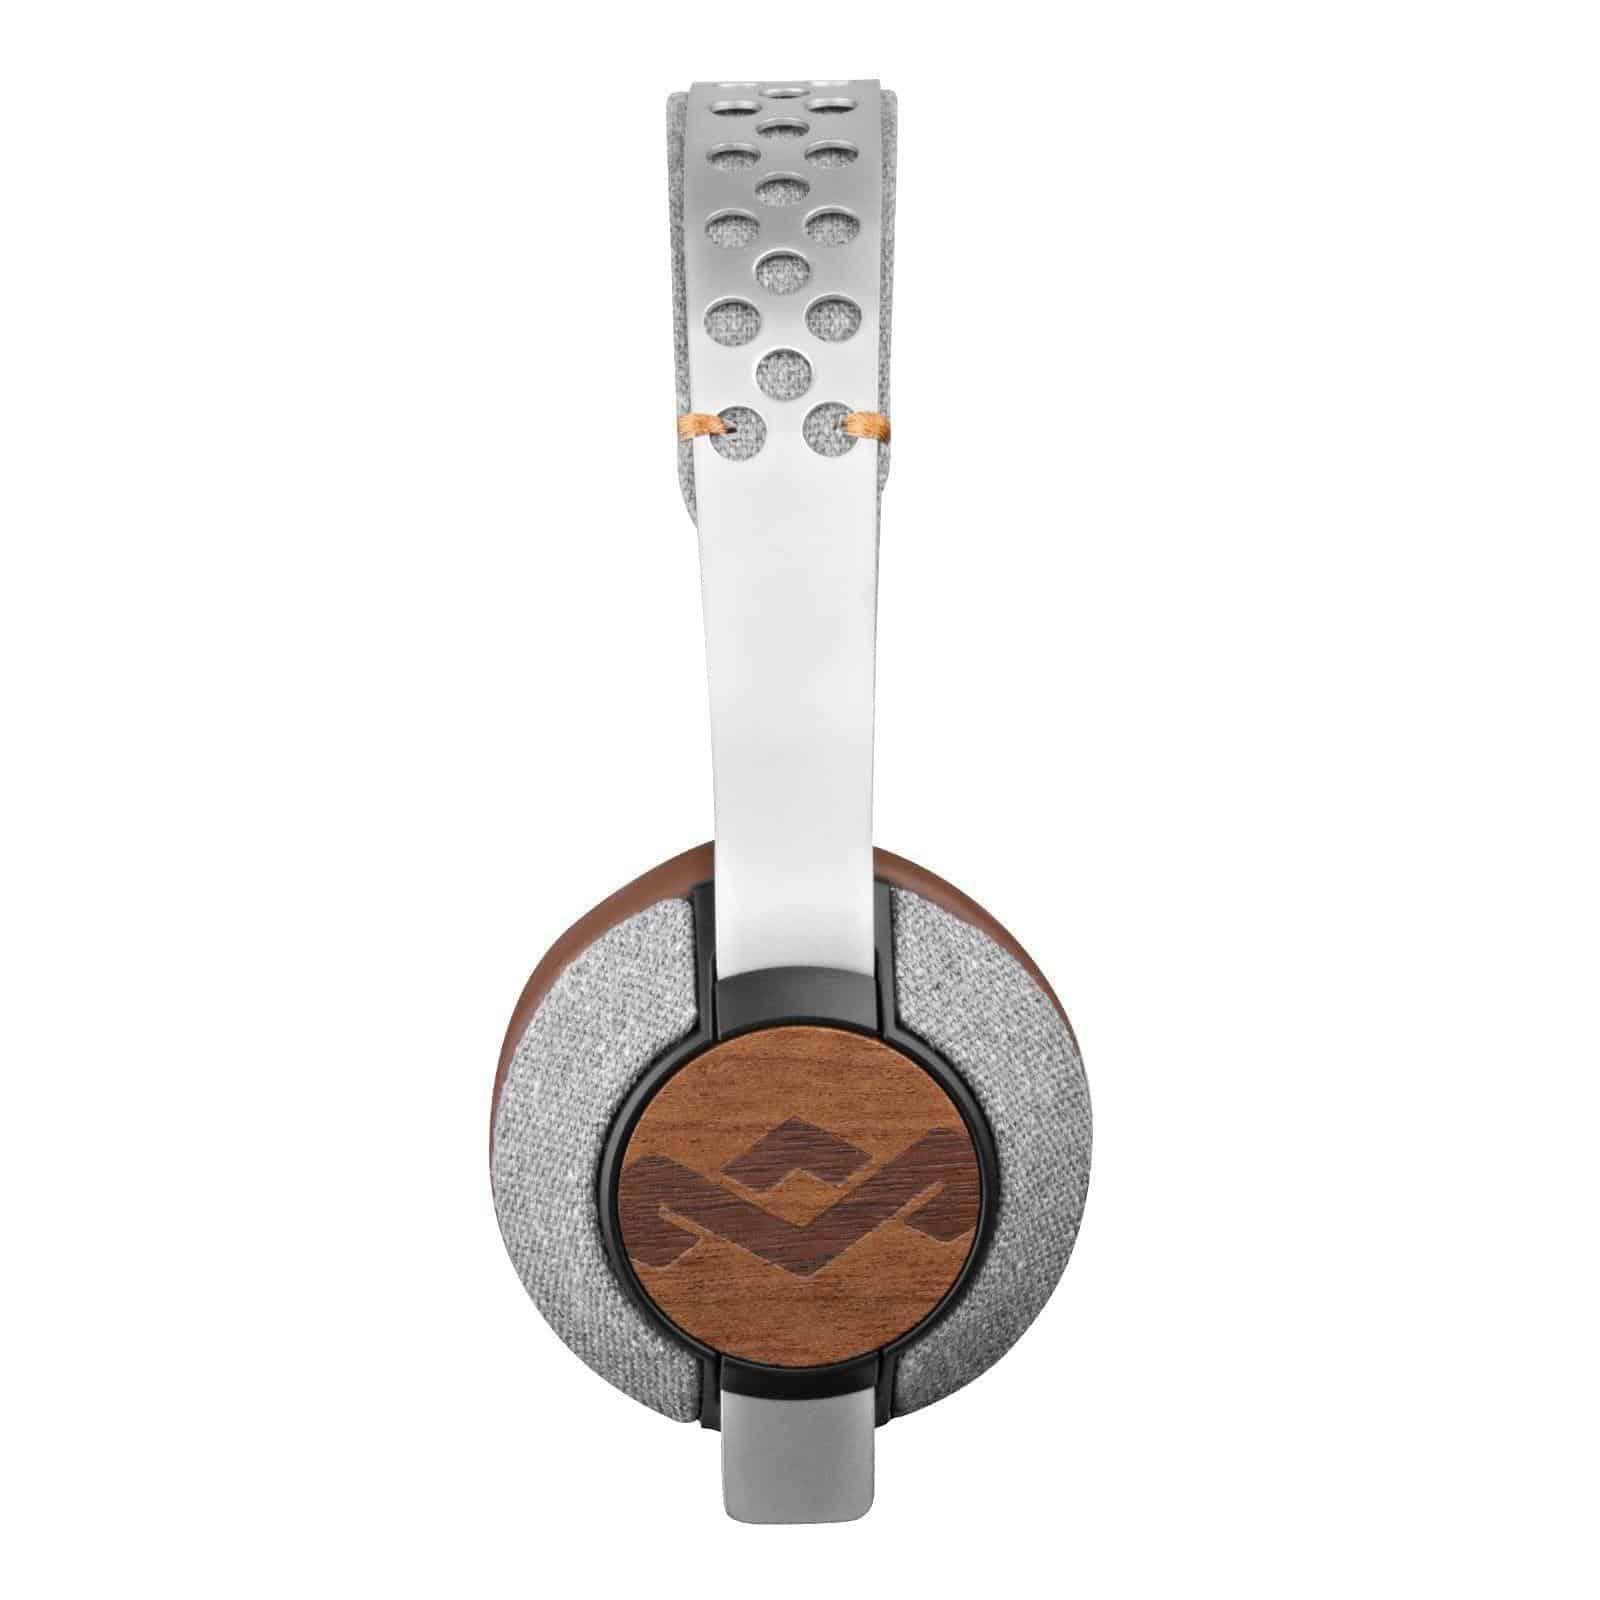 deal: house of marley headphones $49.99 & speaker $39.99 - 10/13